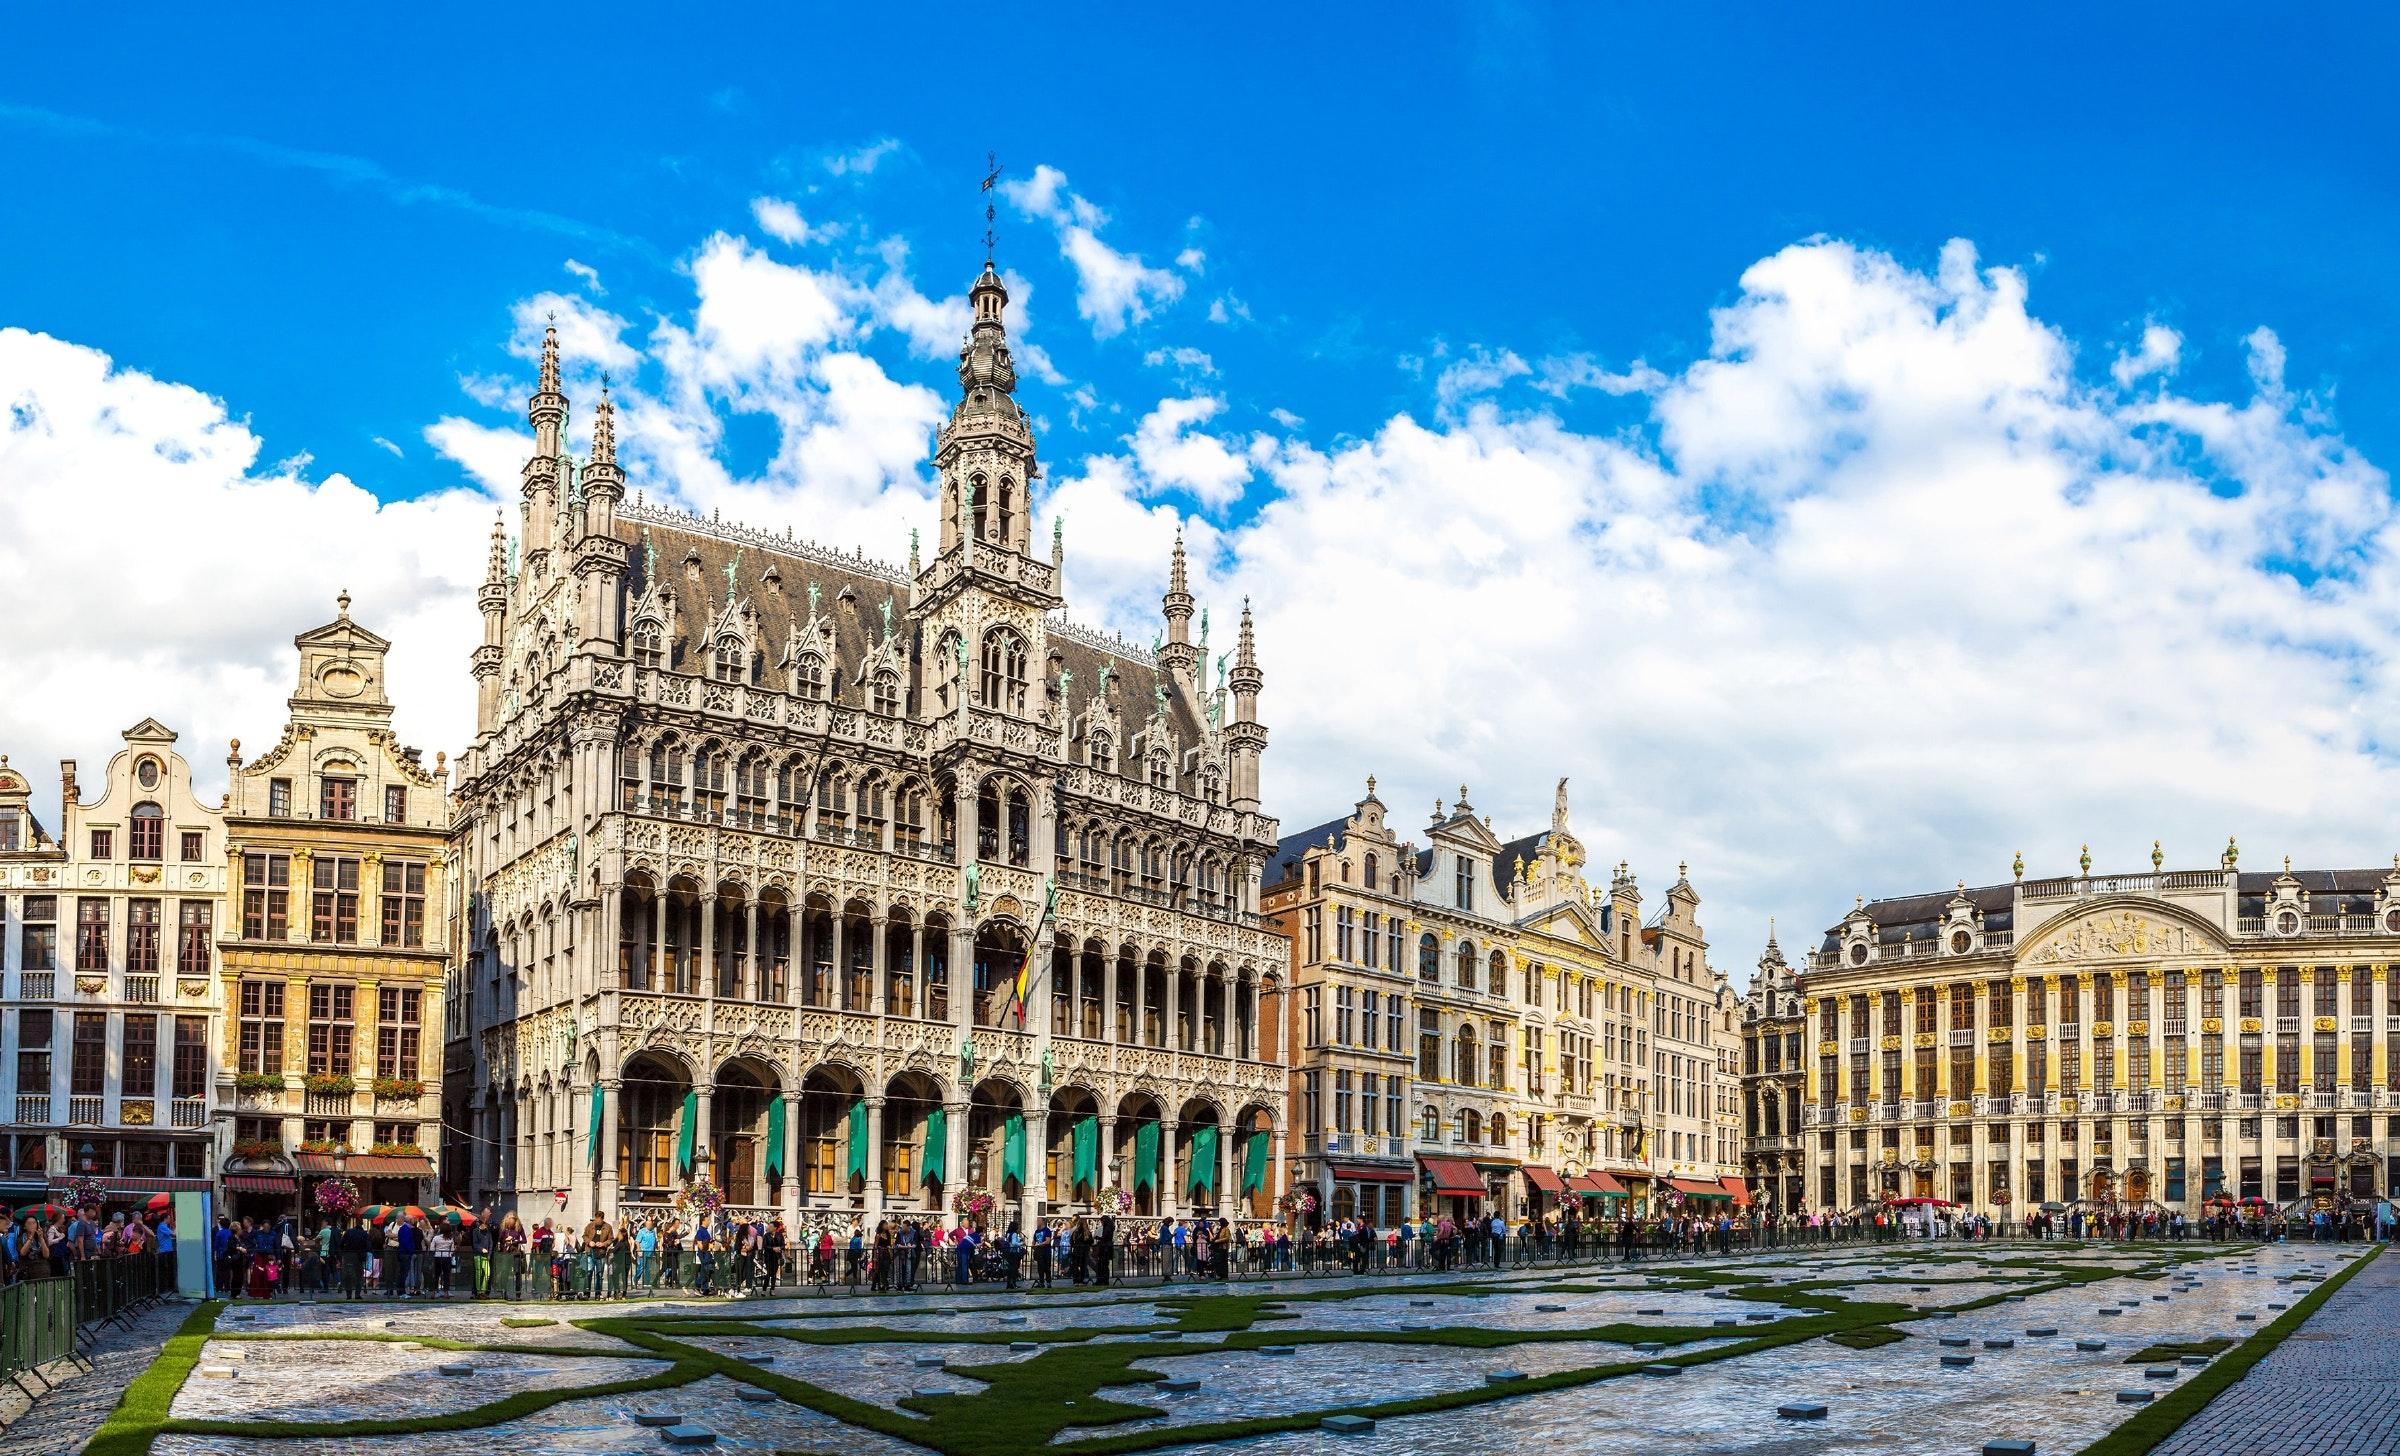 Paket Tour Eropa Barat Wisata Muslim Juli 8 Hari 7 Malam Musim Panas (Summer)